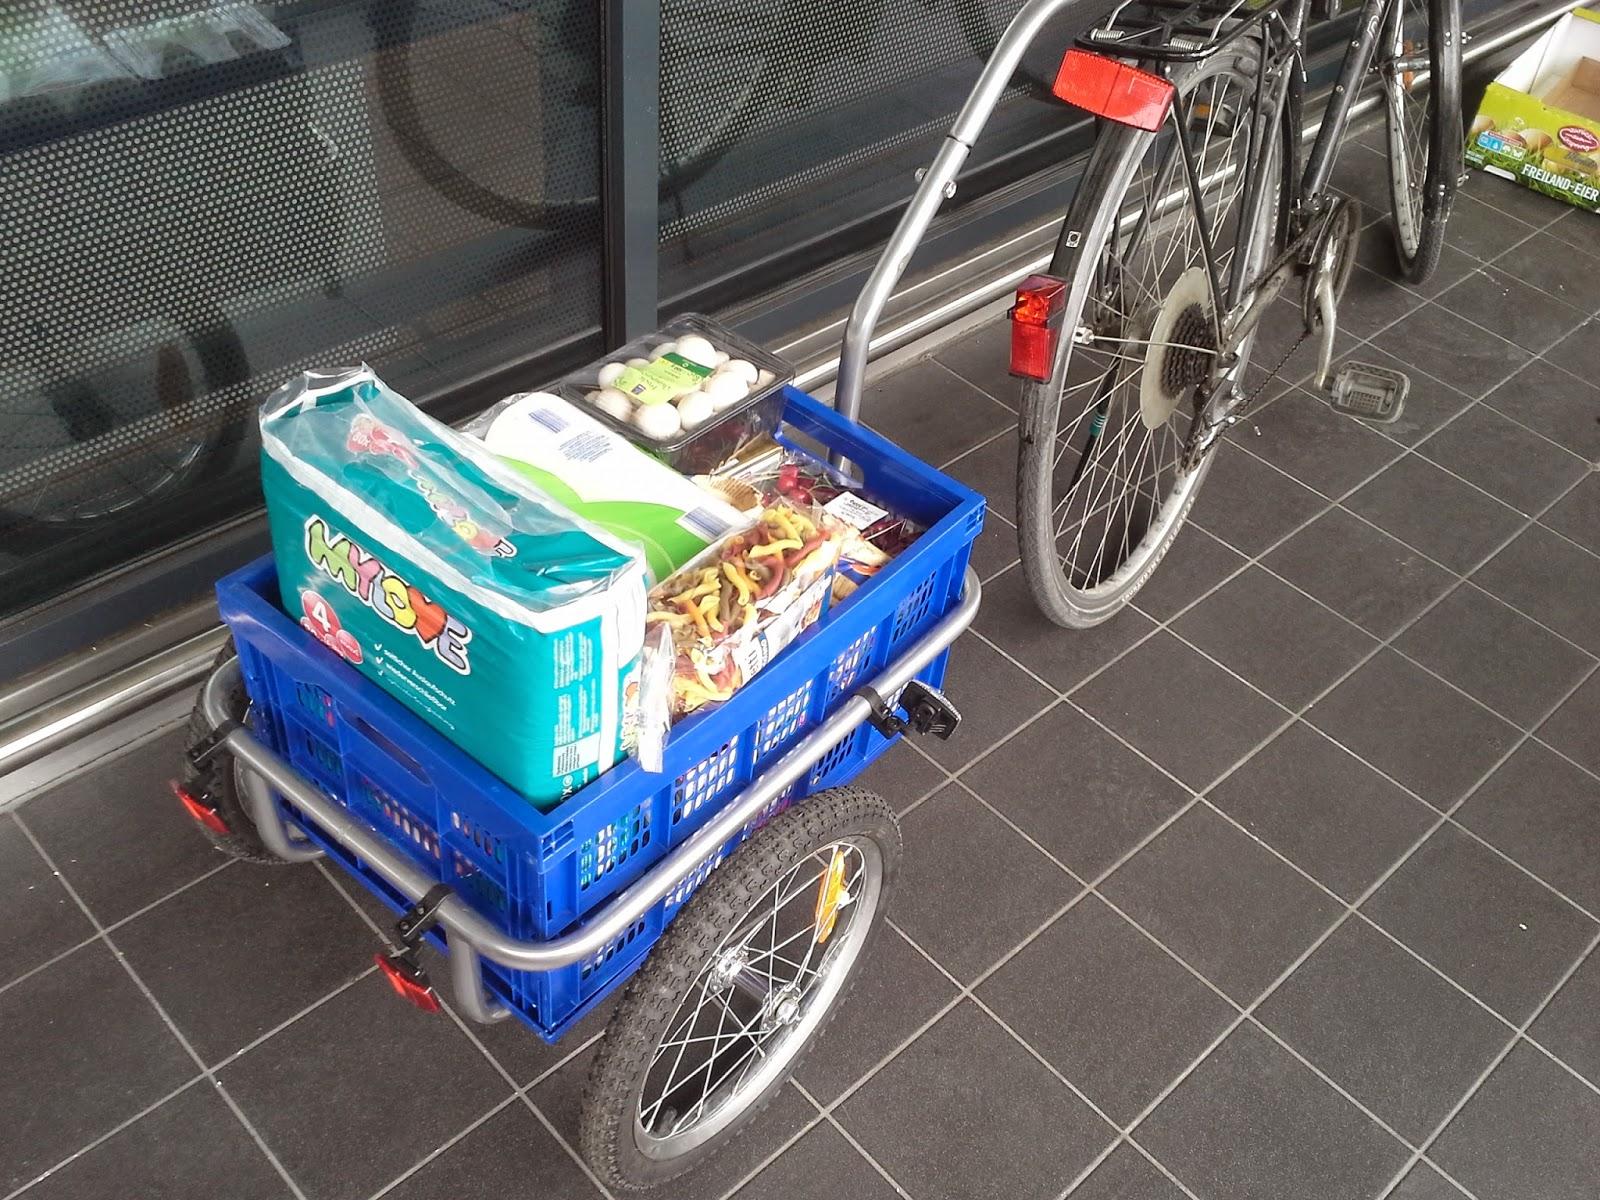 Fahrradanhänger für den Einkauf - Lastenanhänger mit herausnehmbarem Korb